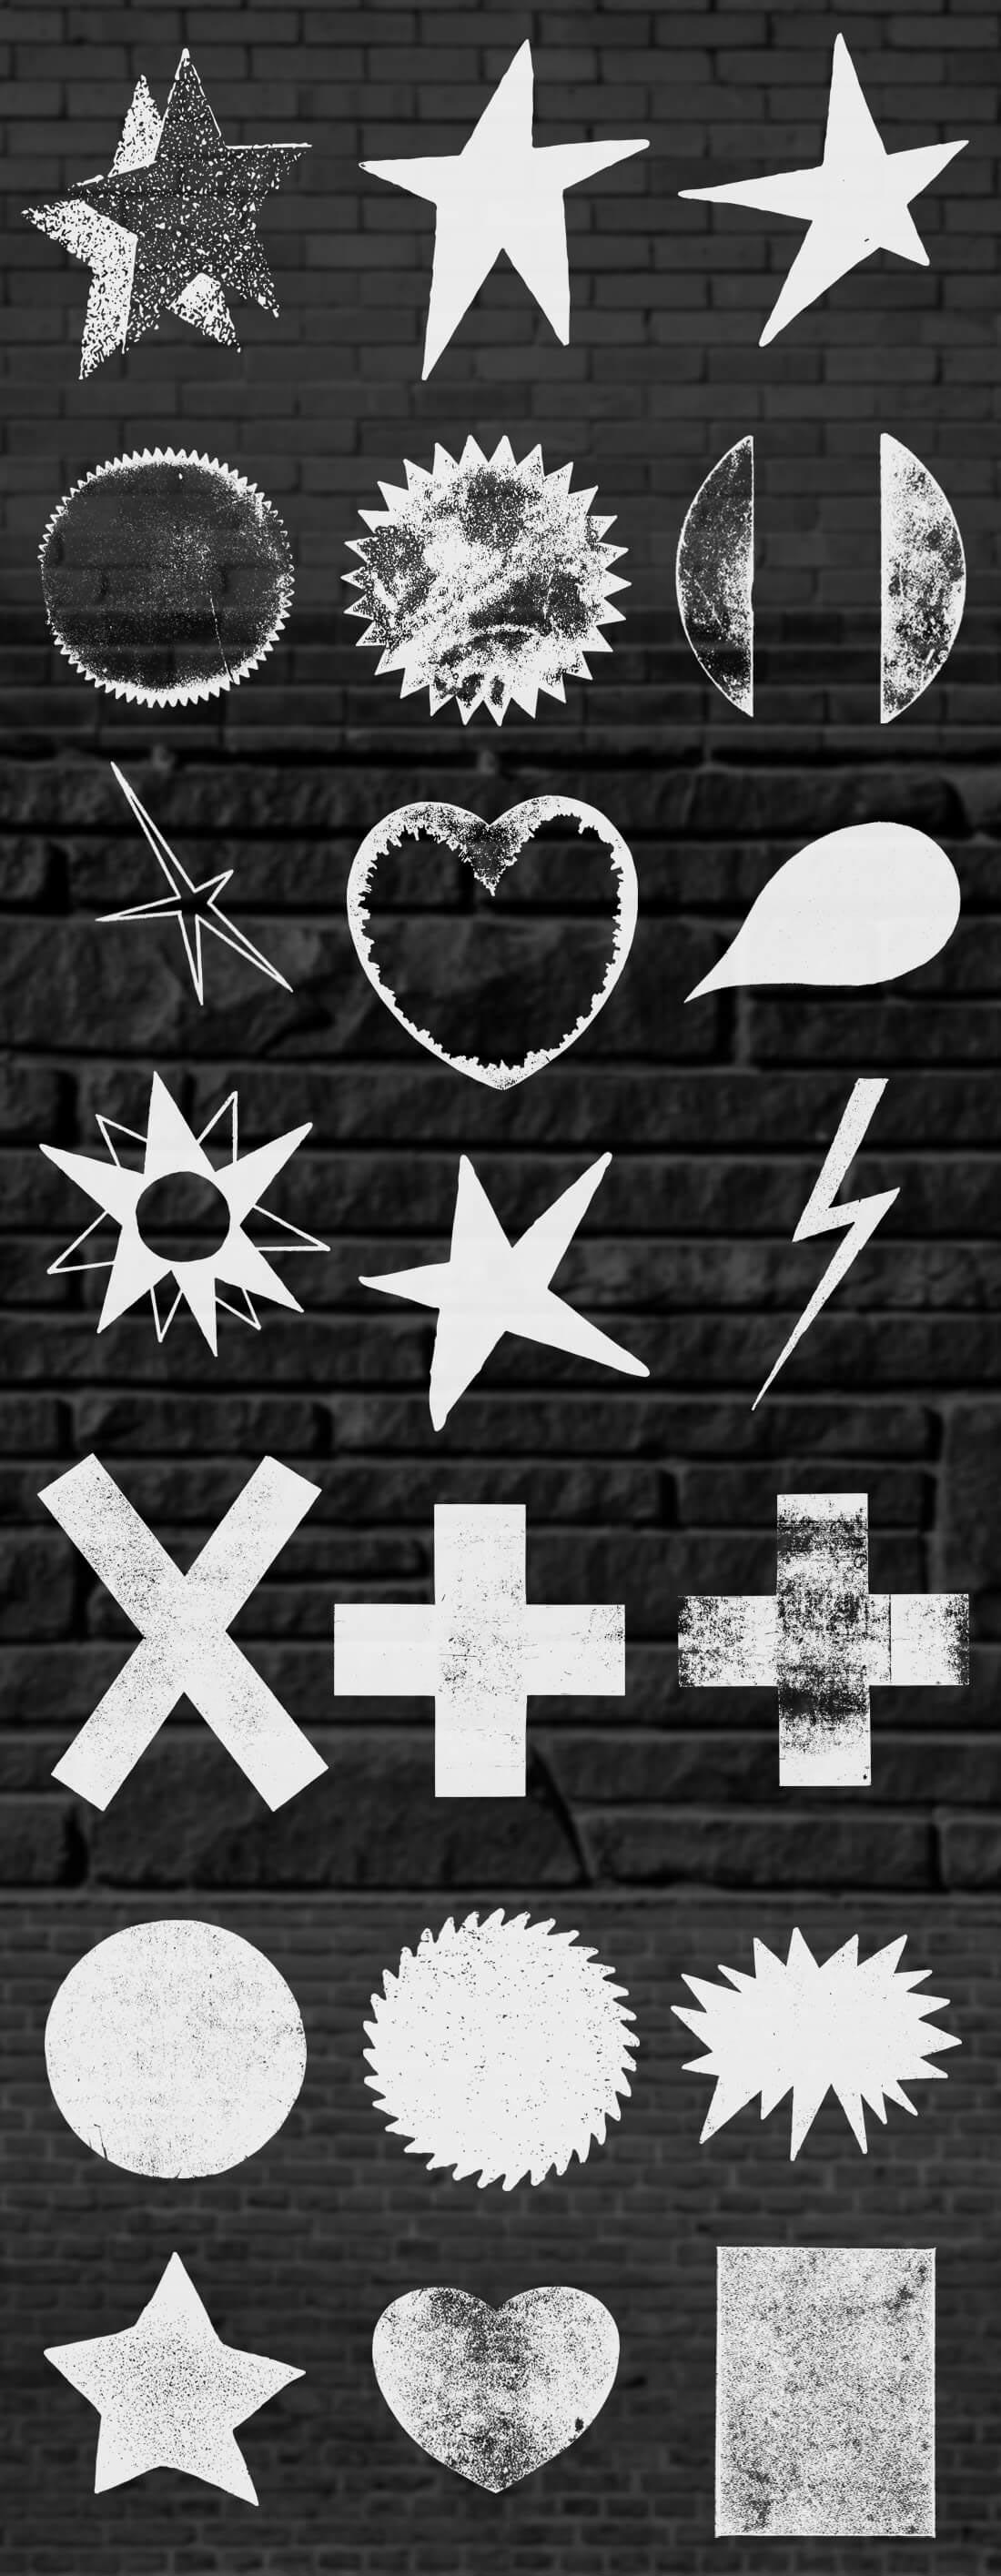 ultrashock-grunge-shapes-and-symbols-3